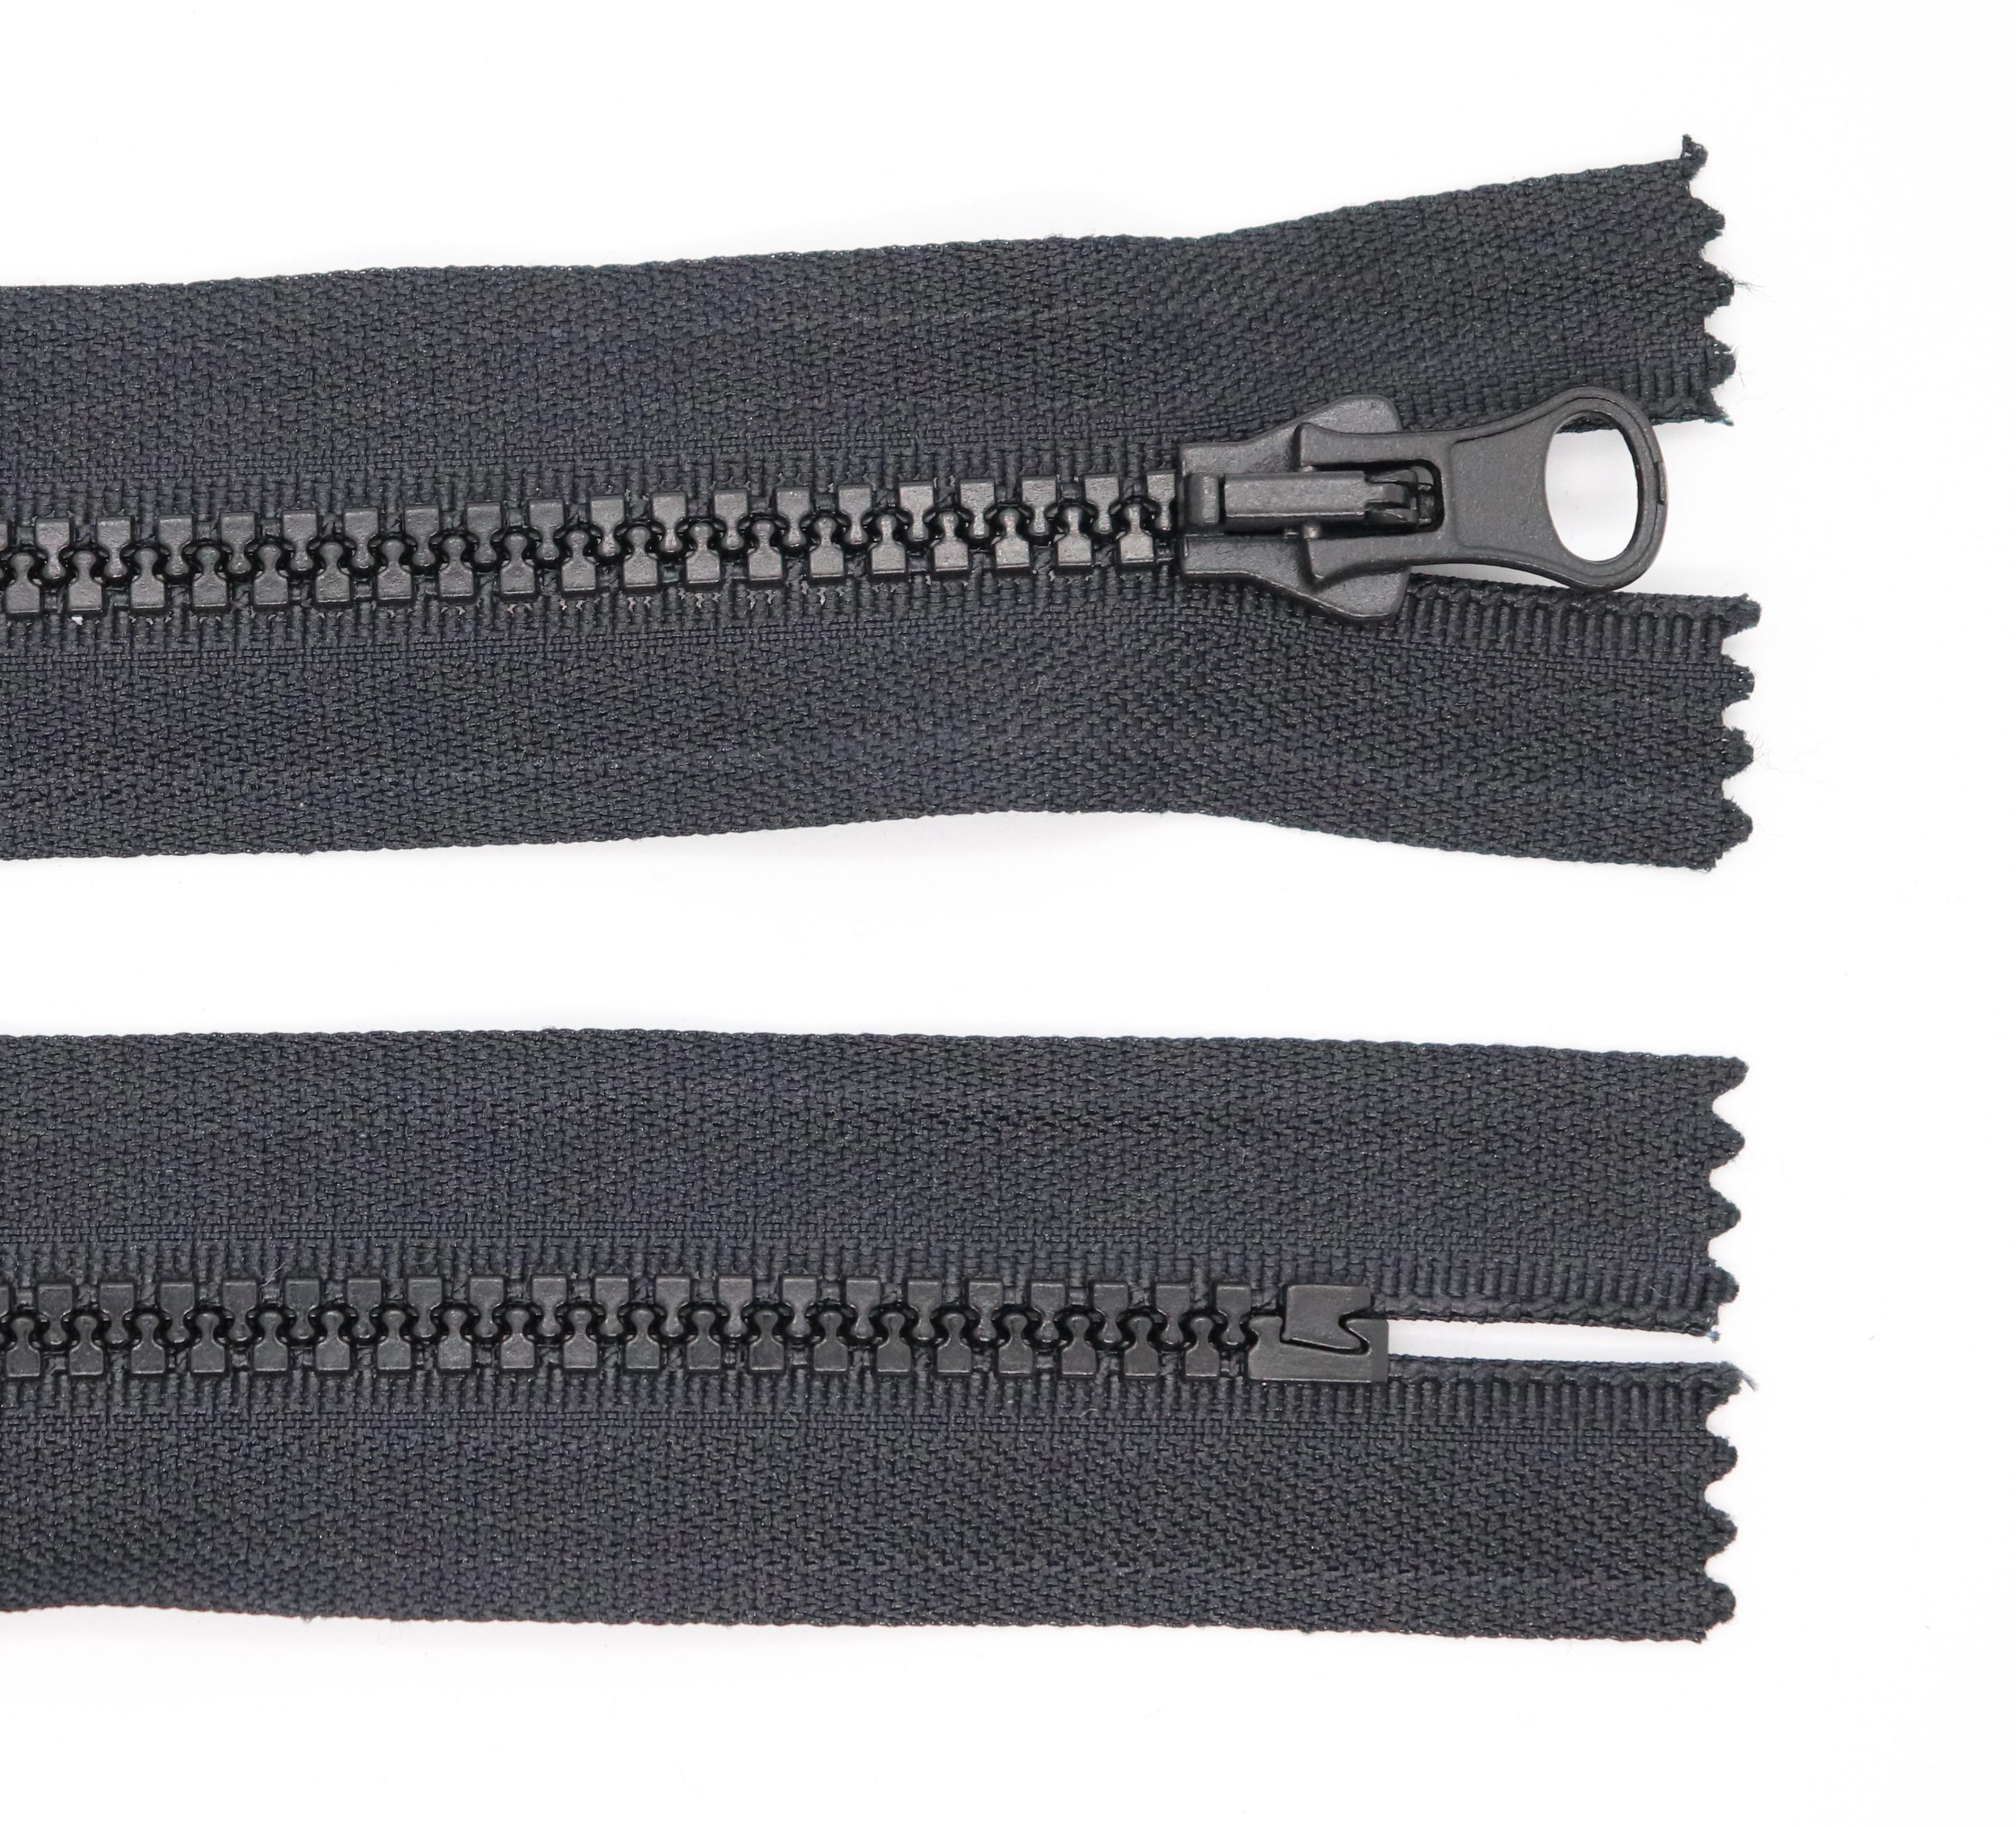 Kostìný zip šíøe 5 mm délka 20 cm nedìlitelný - zvìtšit obrázek